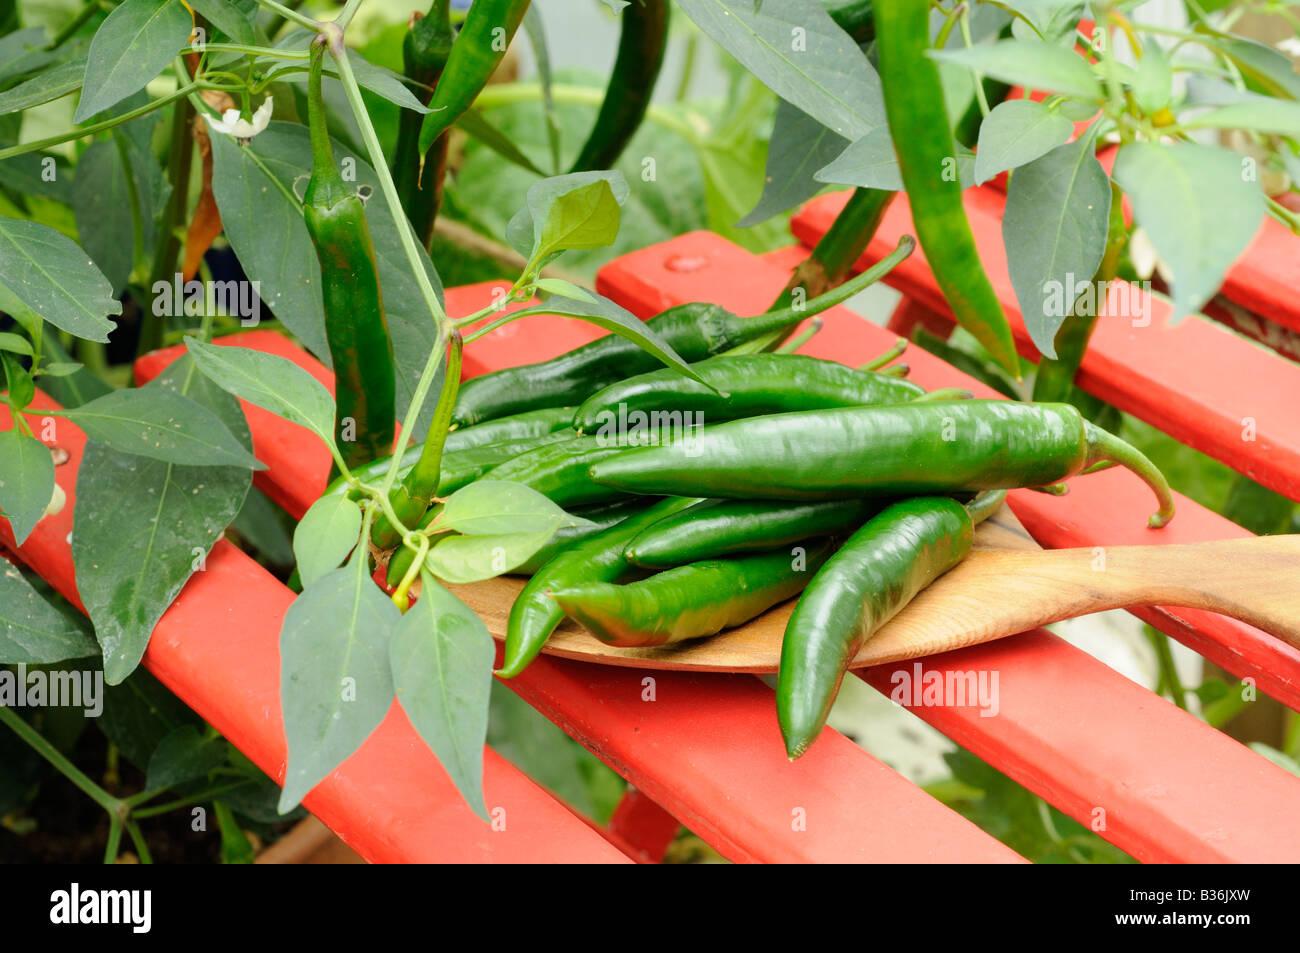 Chilischoten grünen Nach Hitzewelle angebauten Hause frisch DIW2EH9Y